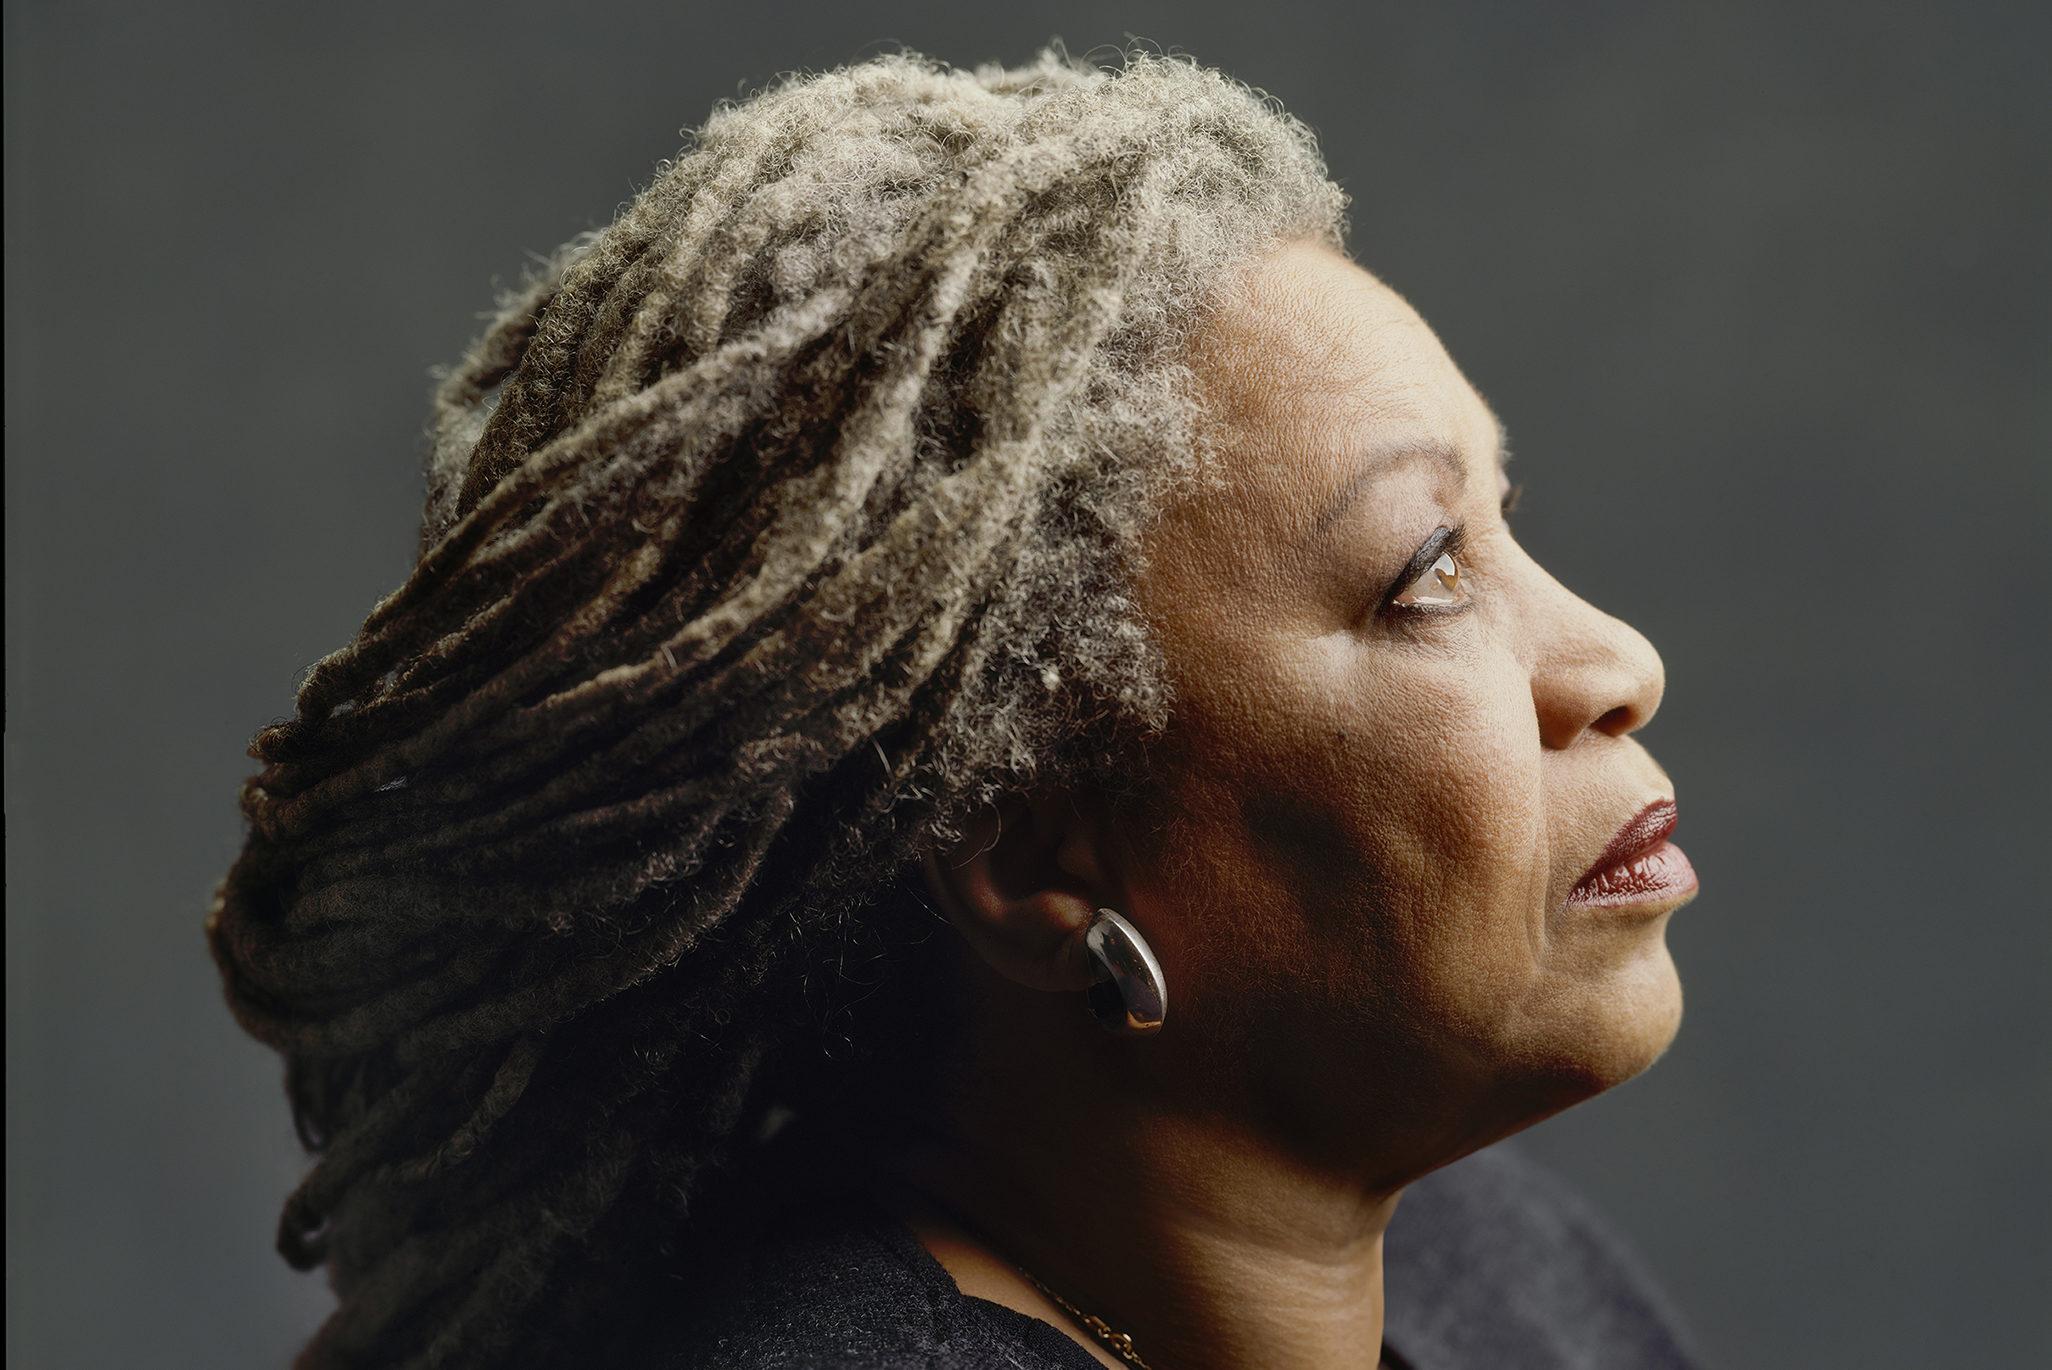 Les lettres de noblesse de la littérature afro-américaine 50 ans après Luther King